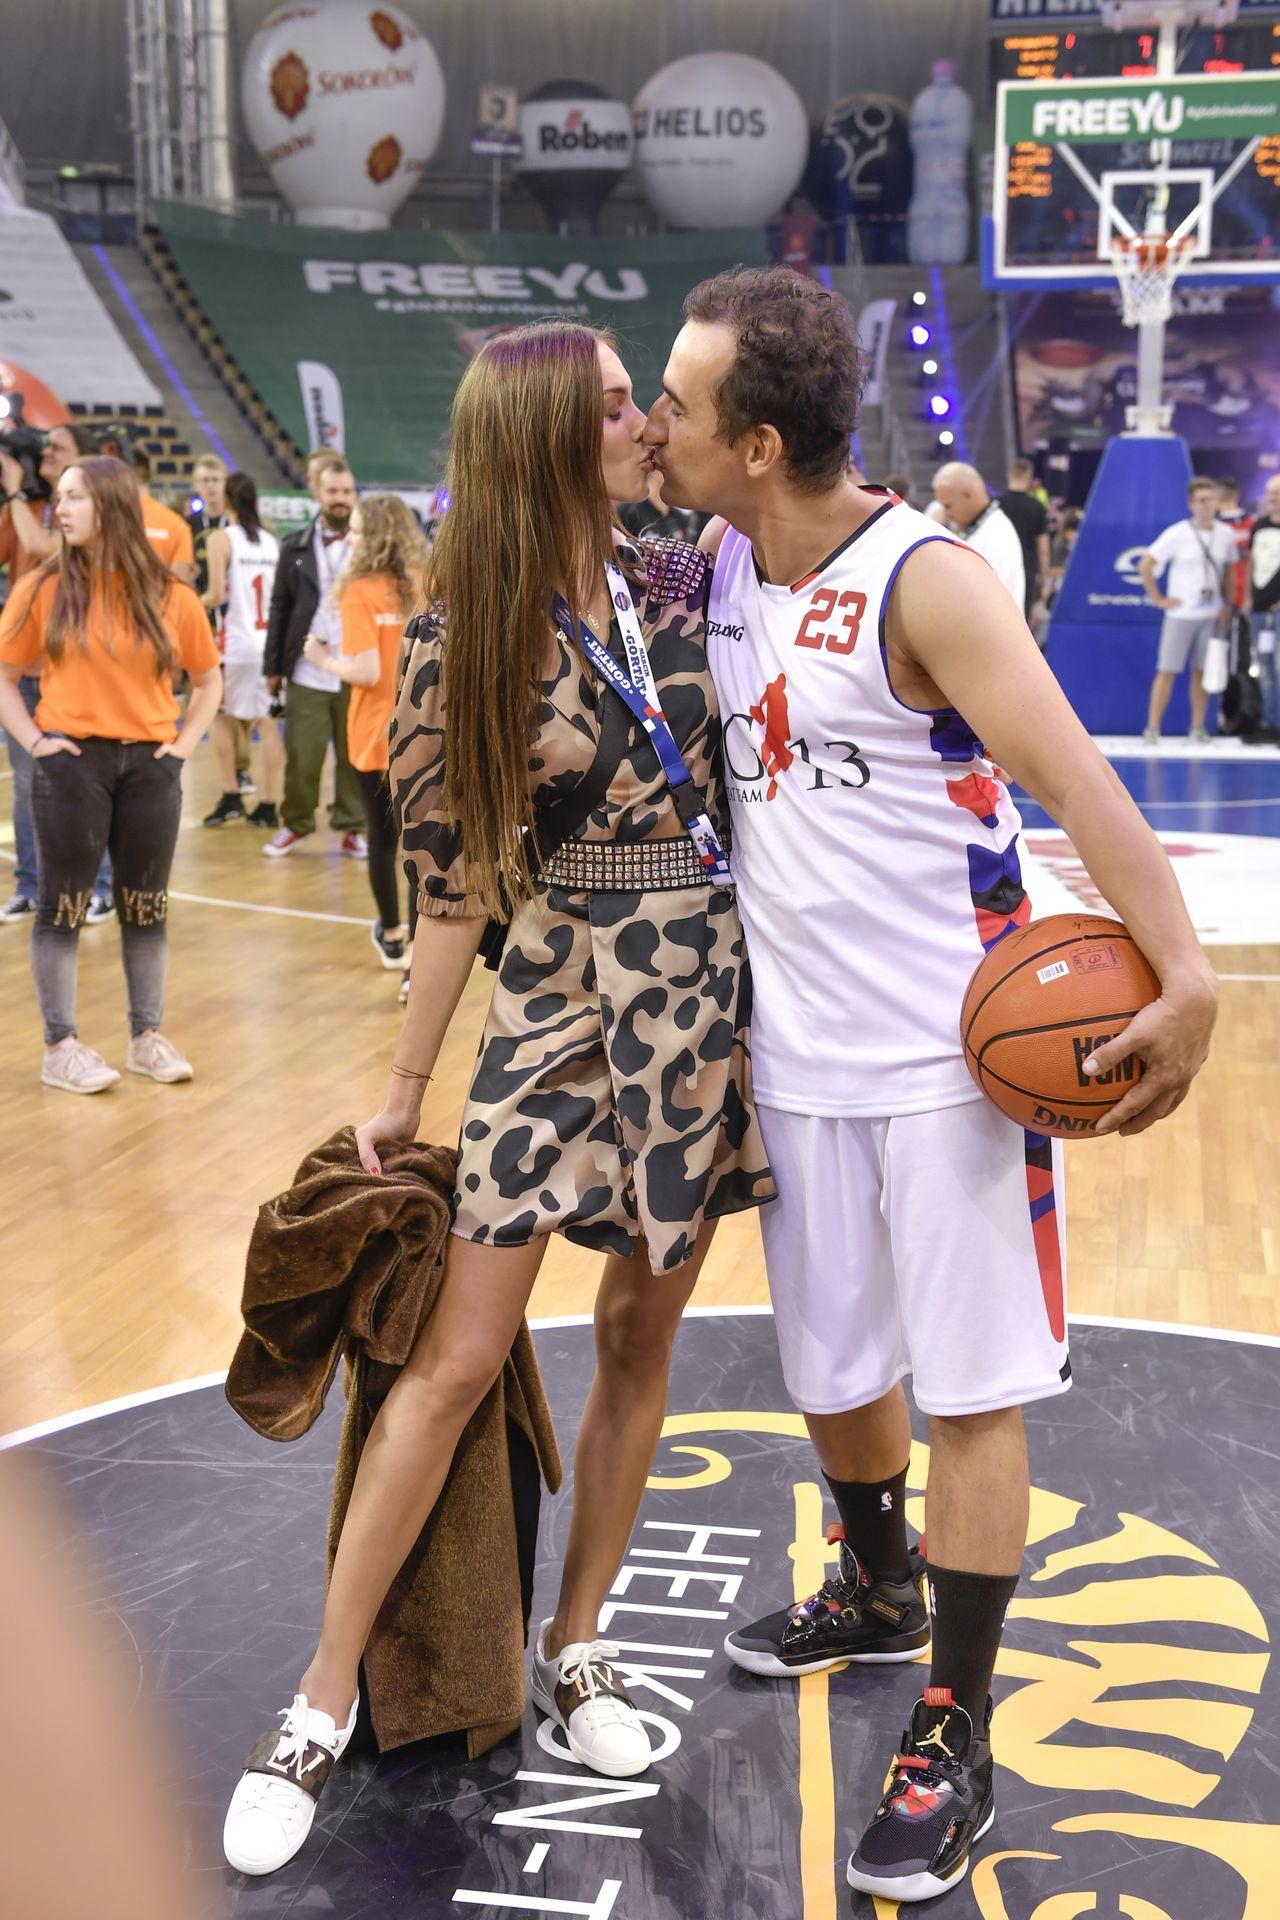 Marcela Leszczak i Michał Koterski całują się na meczu koszykówki.